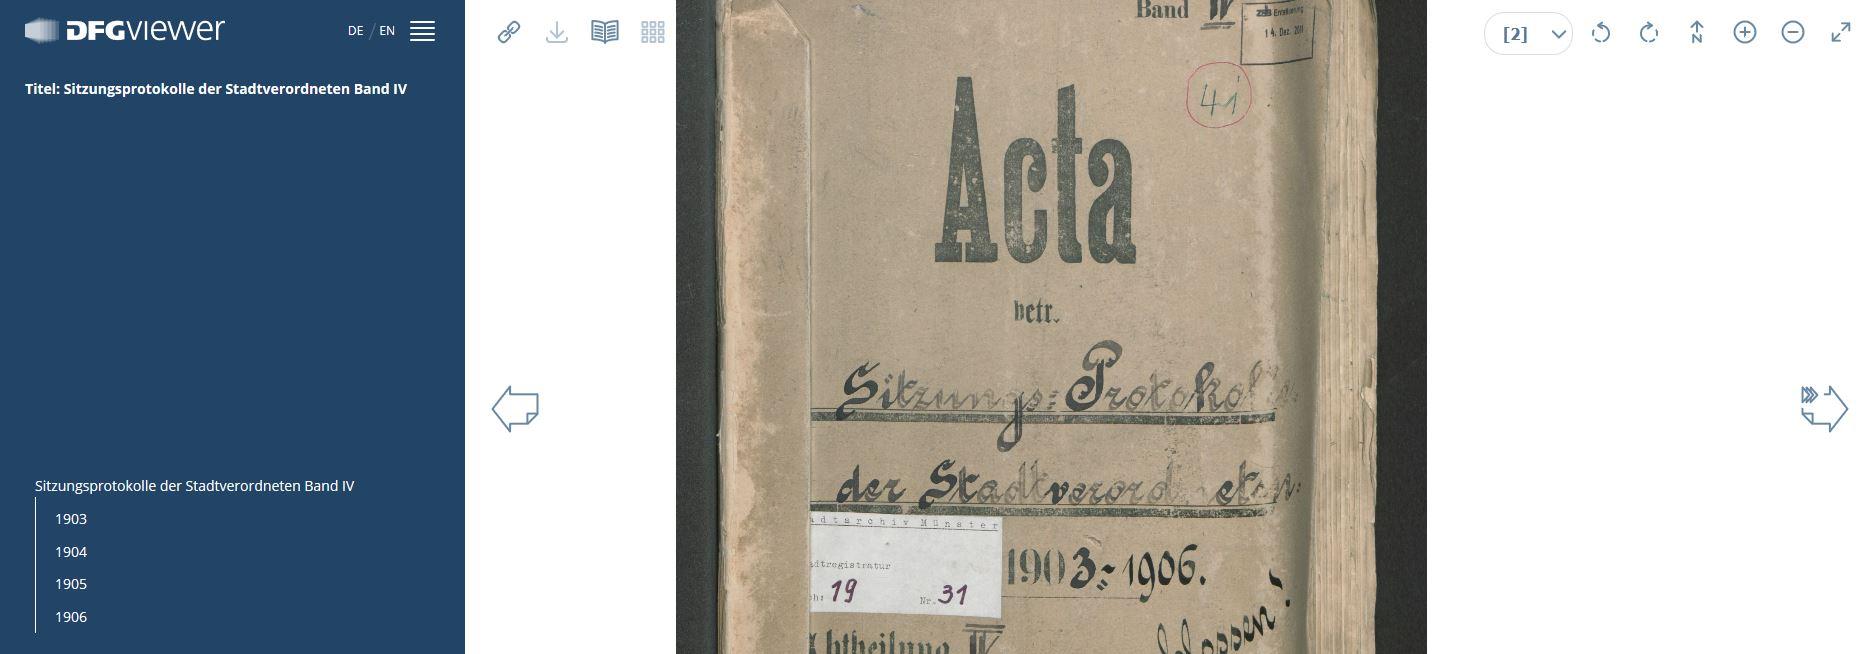 Ein Band der Münsterschen Stadtverordnetenversammlung (1903-1906), der im DFG-Projekt digitalisiert worden ist. Hier: Anzeige im DFG-Viewer des Portals Archive in NRW